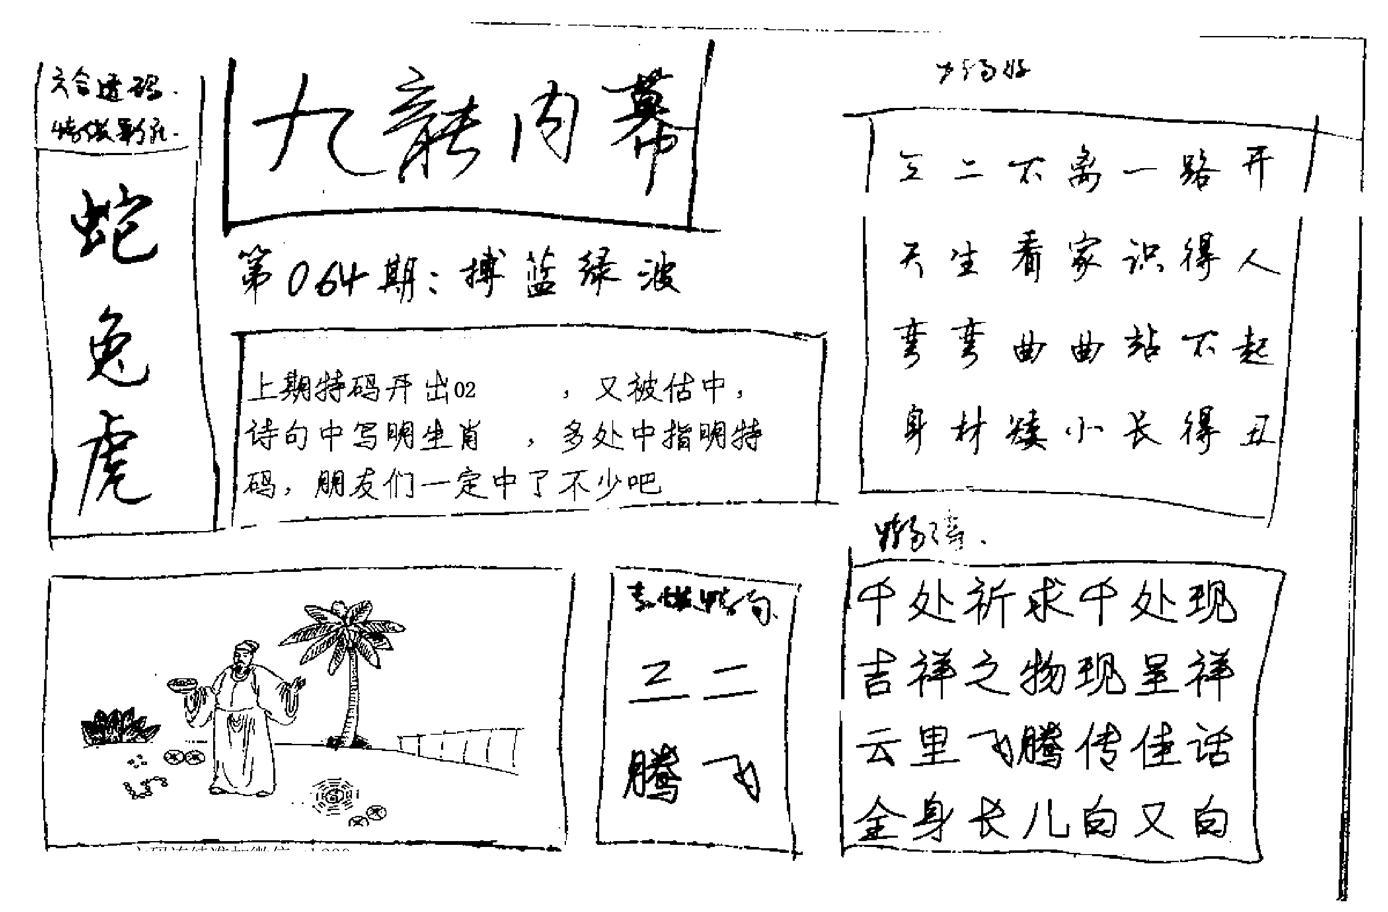 064期九龙内幕手写(黑白)